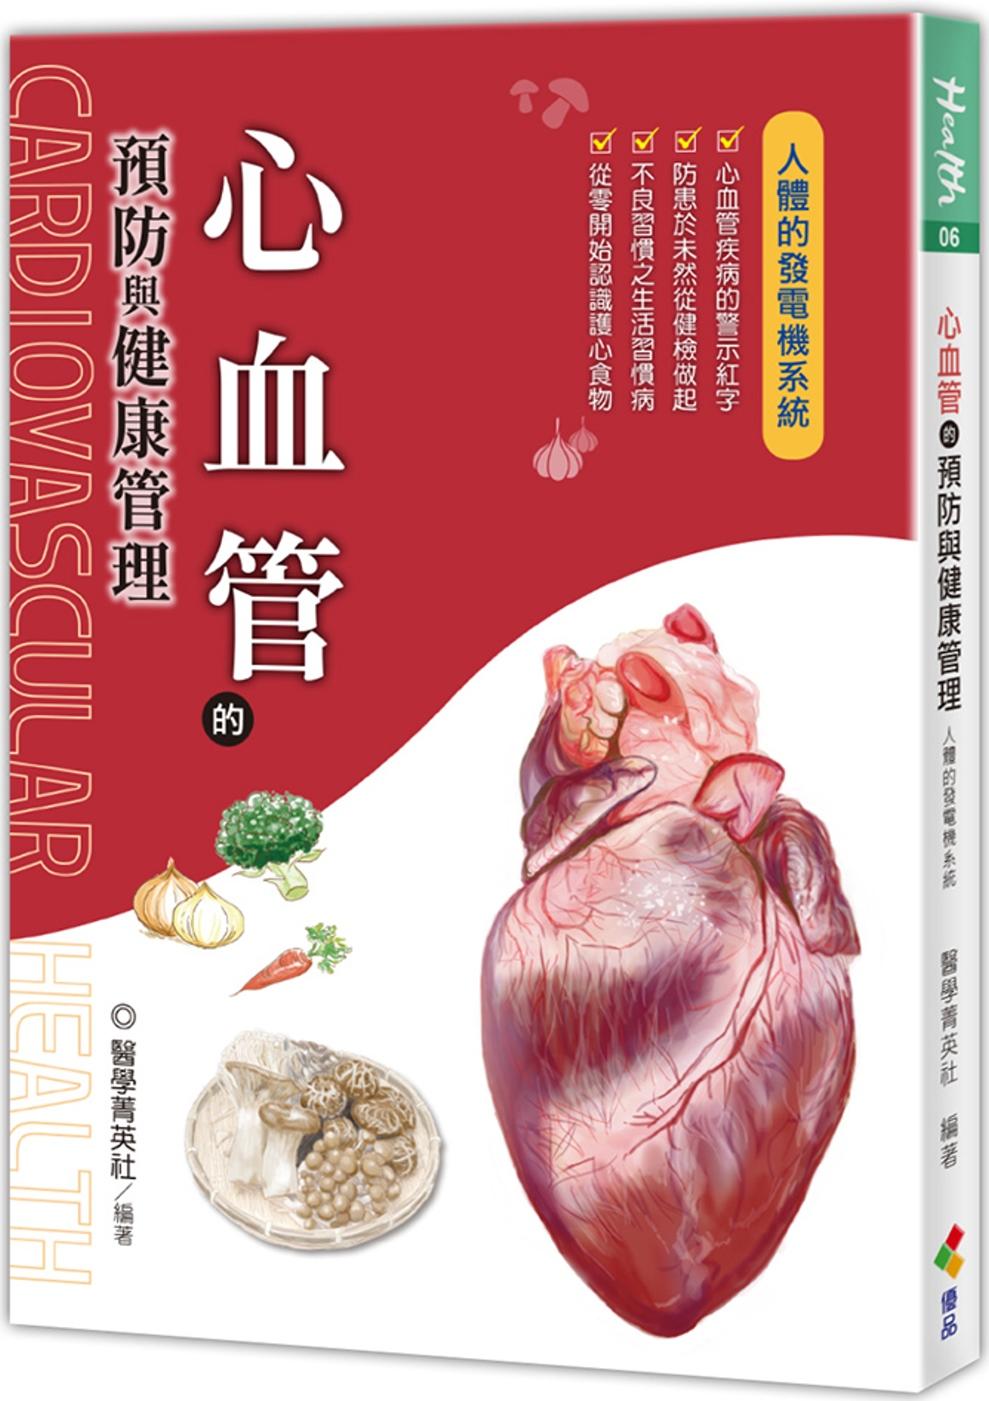 心血管的預防與健康管理